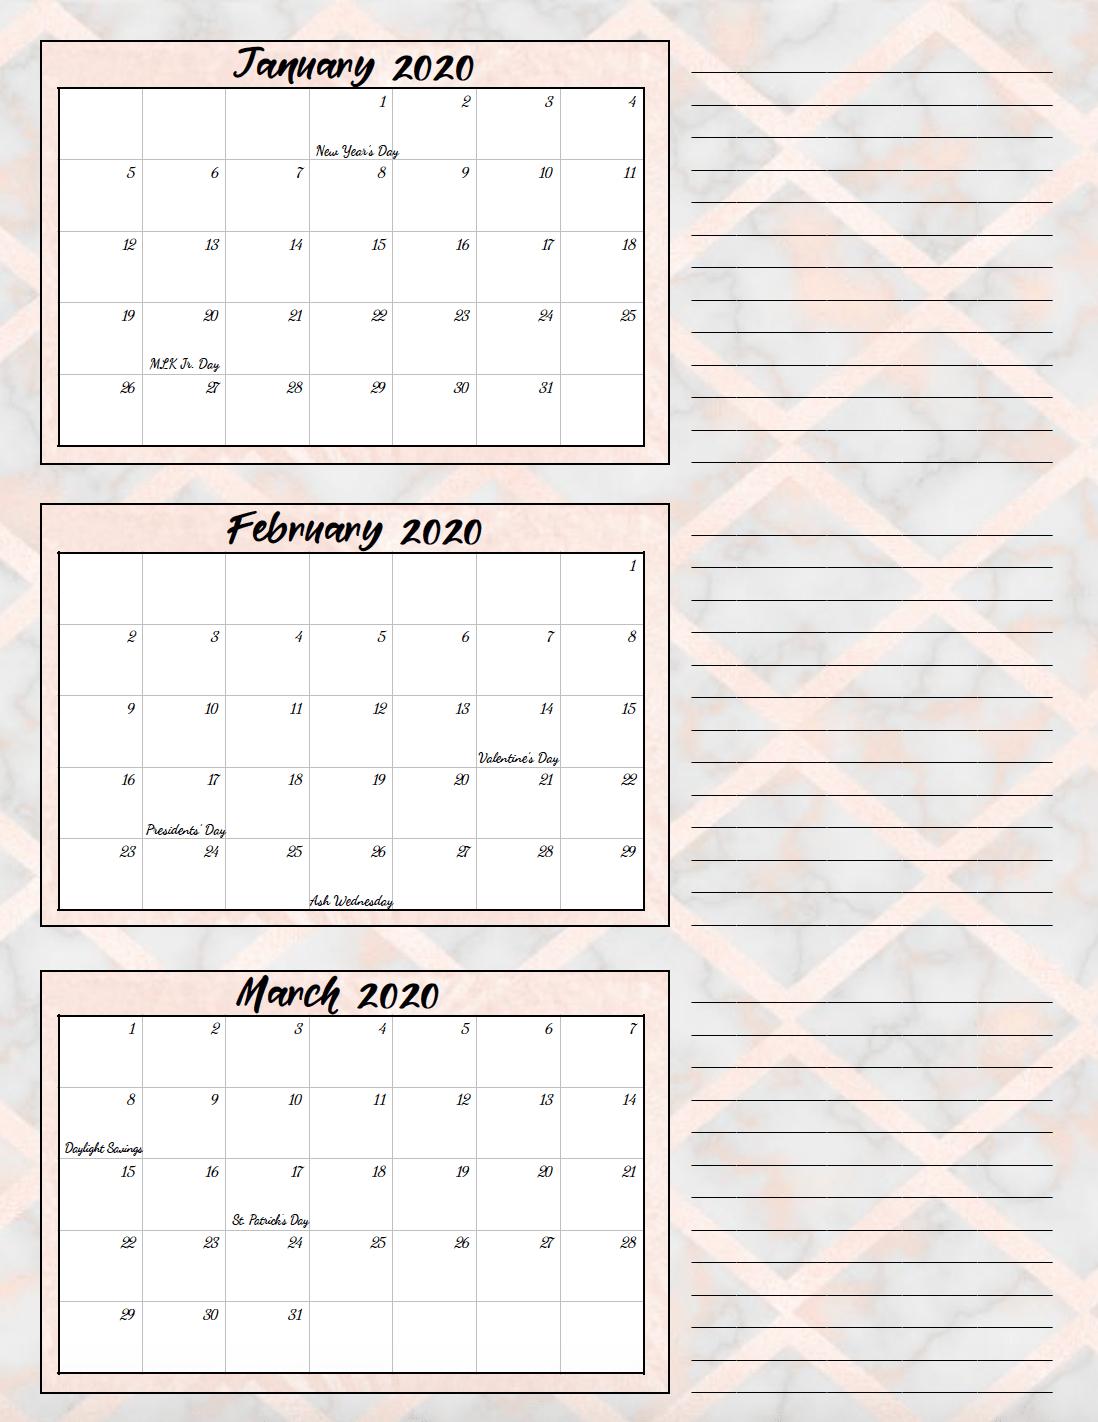 2020 Quarterly Calendar  Yatay.horizonconsulting.co inside Quarterly Calendar Template Excel